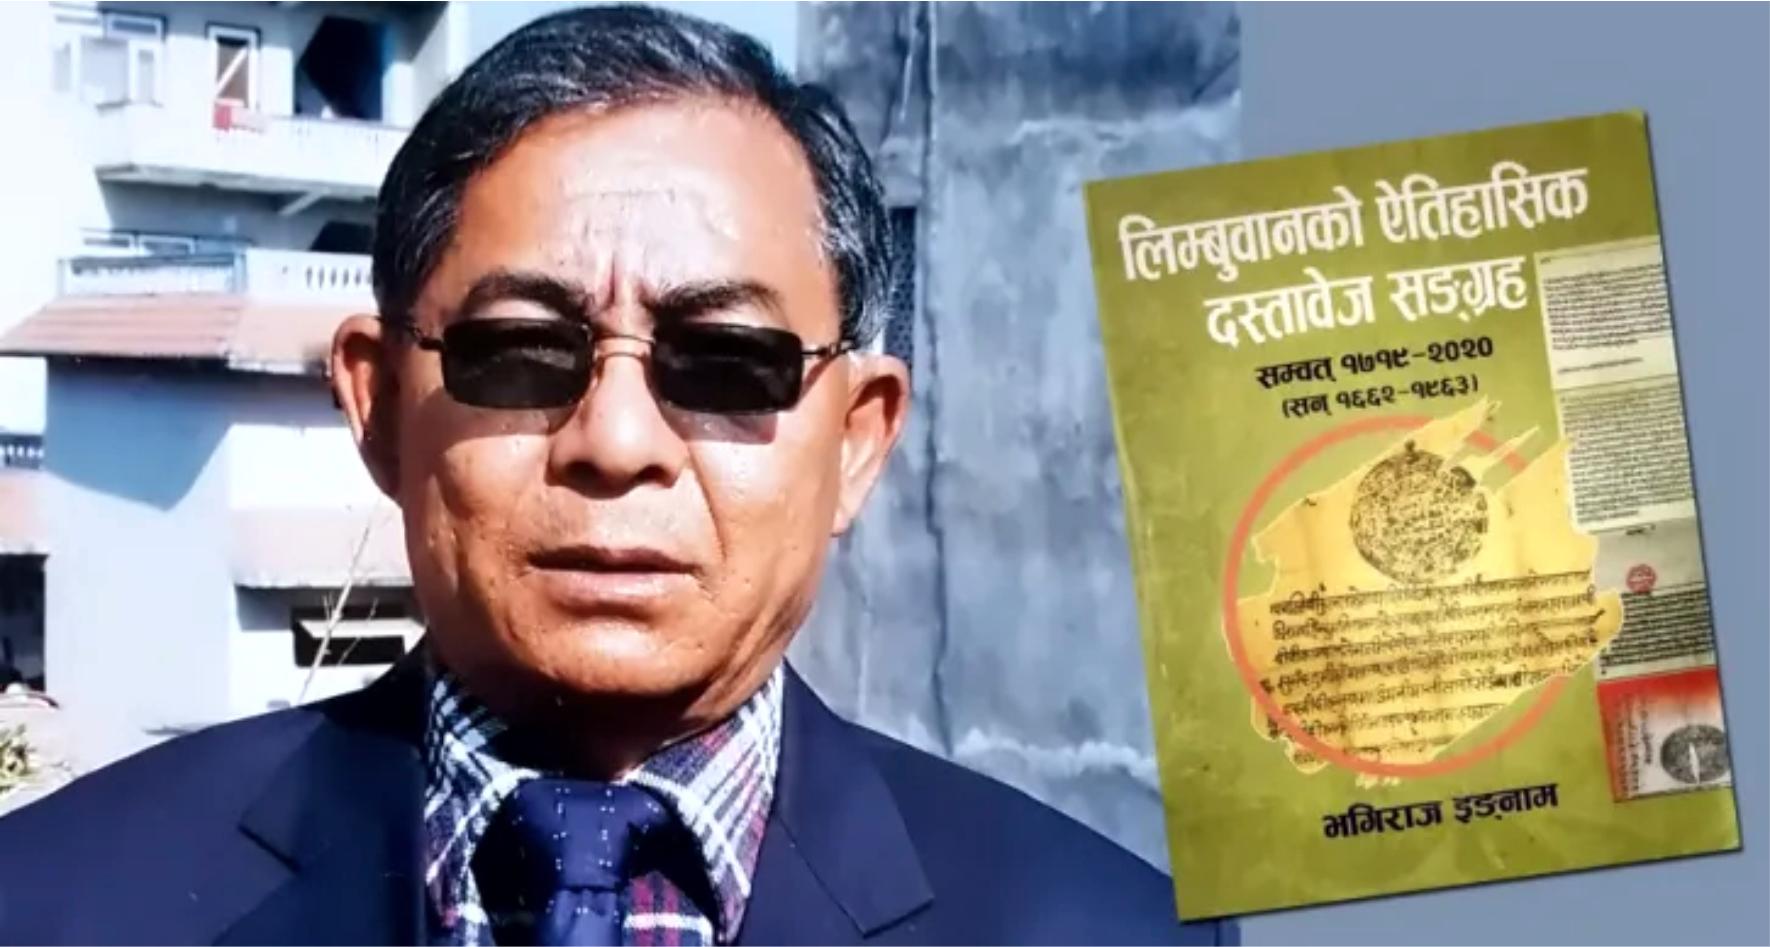 मदन पुरस्कार २०७७ द्वारा 'लिम्बुवानको ऐतिहासिक दस्तावेज सङ्ग्रह' पुरस्कृत